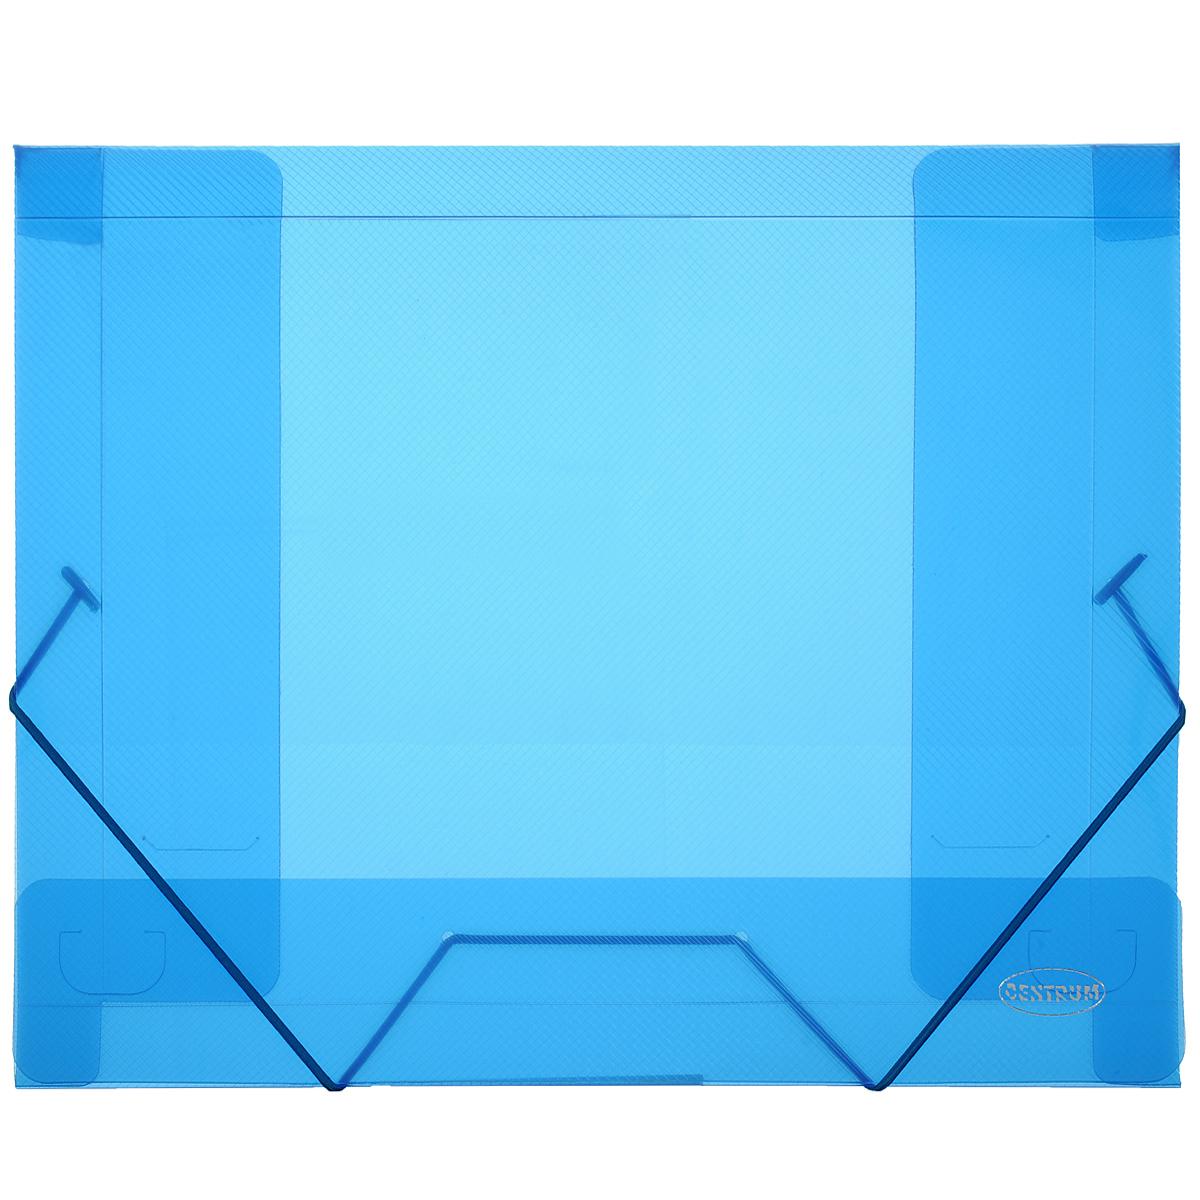 Папка-конверт на резинке Centrum, цвет: синий. Формат А480019СПапка-конверт на резинке Centrum - это удобный и функциональный офисный инструмент, предназначенный для хранения и транспортировки рабочих бумаг и документов формата А4. Папка с двойной угловой фиксацией резиновой лентой изготовлена из износостойкого полупрозрачного полипропилена. Внутри папка имеет три клапана, что обеспечивает надежную фиксацию бумаг и документов. Оформлена тиснением в виде параллельной штриховки. Папка - это незаменимый атрибут для студента, школьника, офисного работника. Такая папка надежно сохранит ваши документы и сбережет их от повреждений, пыли и влаги.